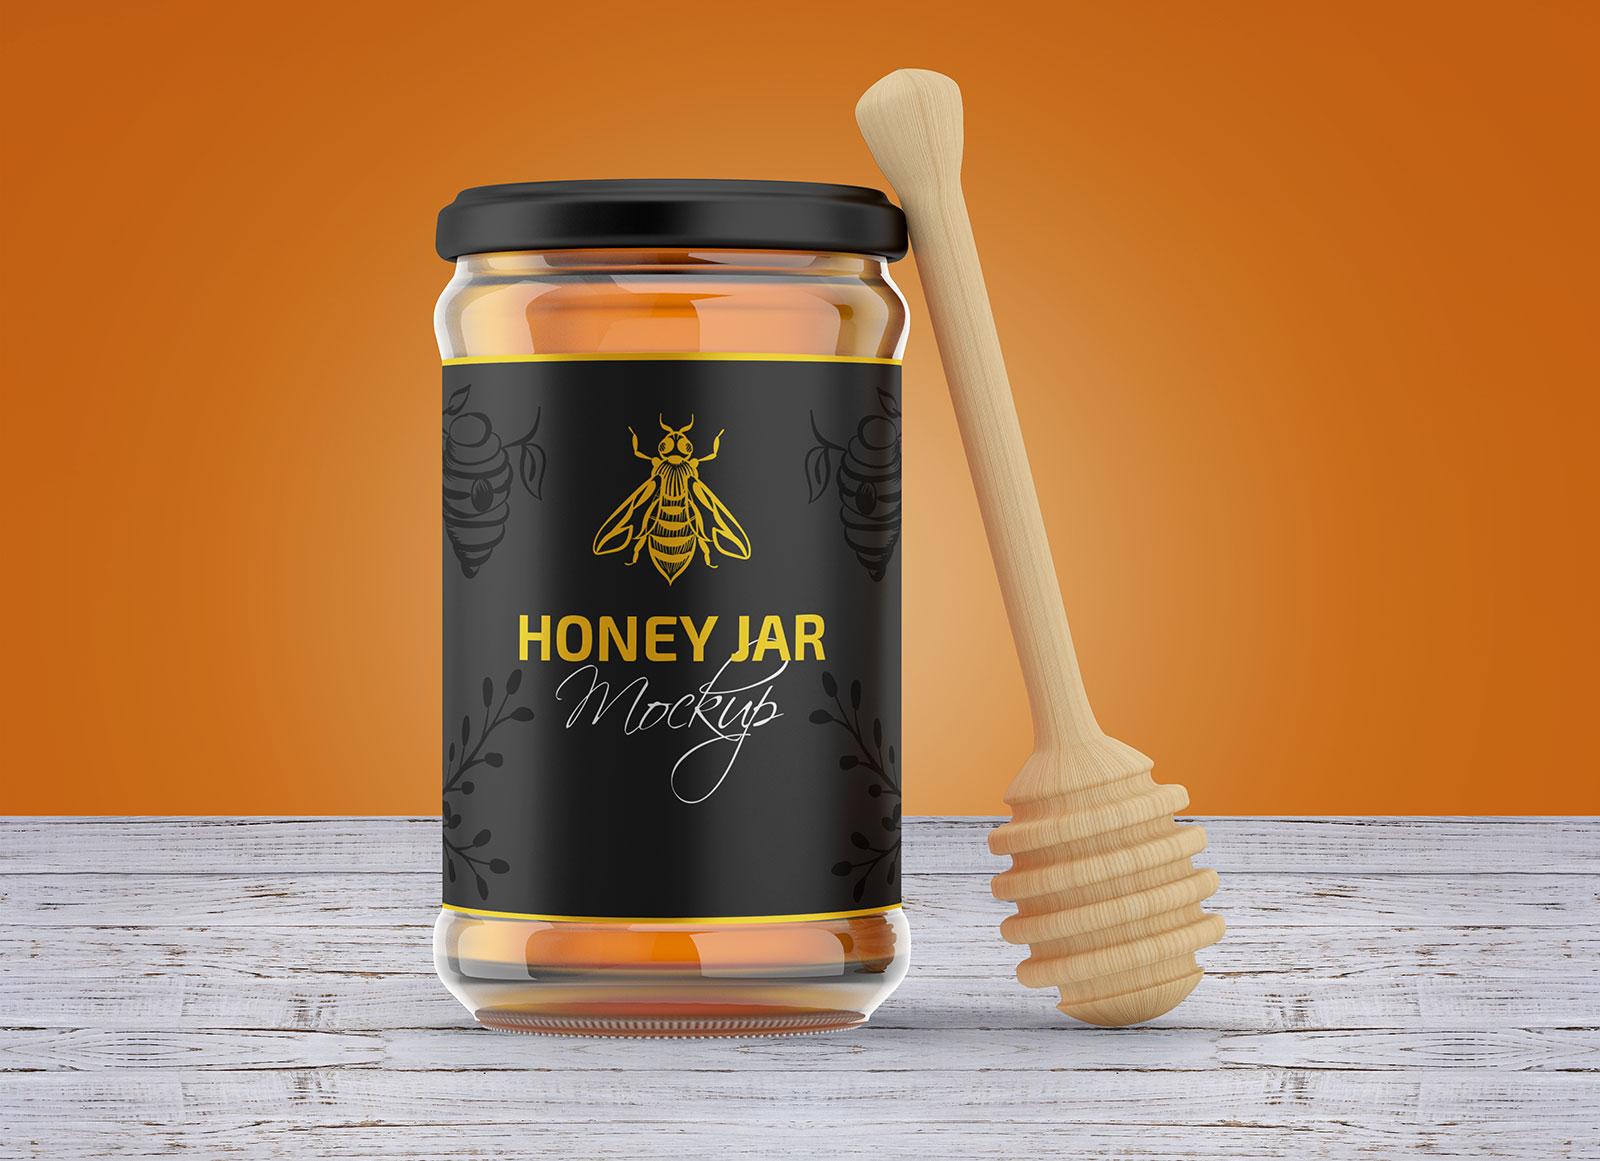 Free-Honey-Jar-Mockup-PSD-Set-2